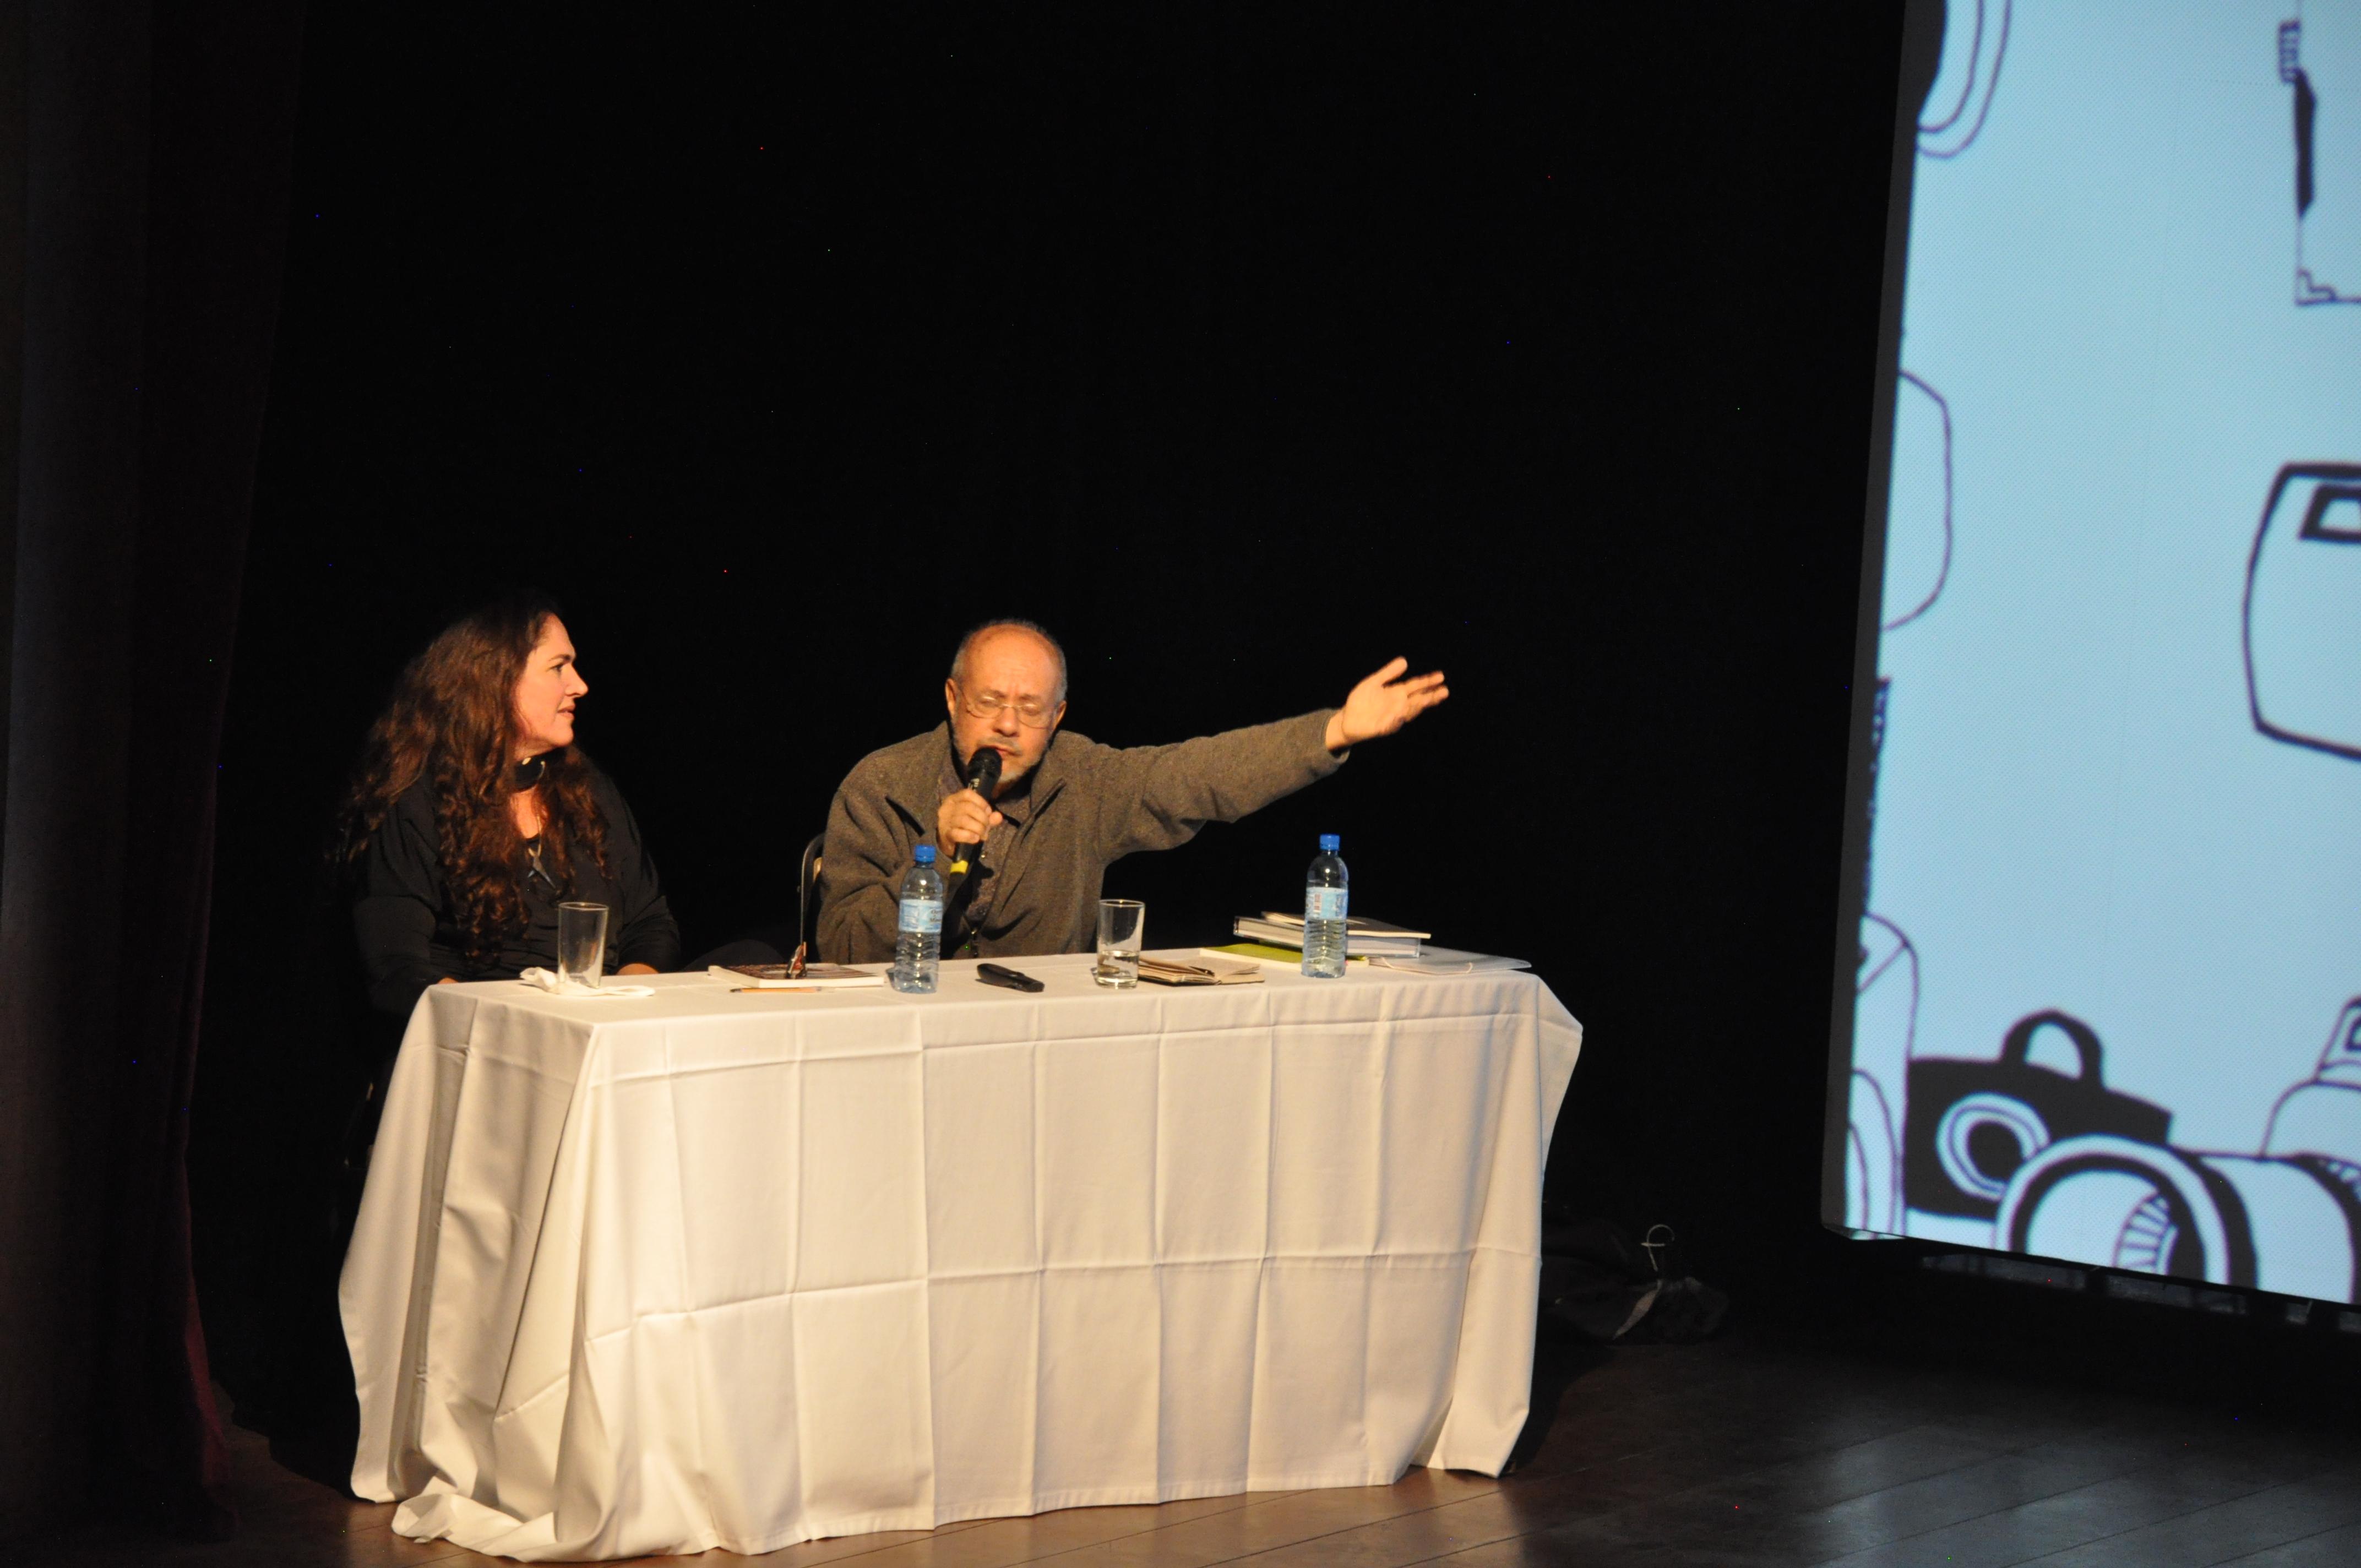 Joaquim Paiva mostrou seu trabalho ao público, que esgotou as entradas para prestigiar o fotógrafo e seu trabalho. (Foto: Scarlet Freitas e Vanessa Vicente/VAN)